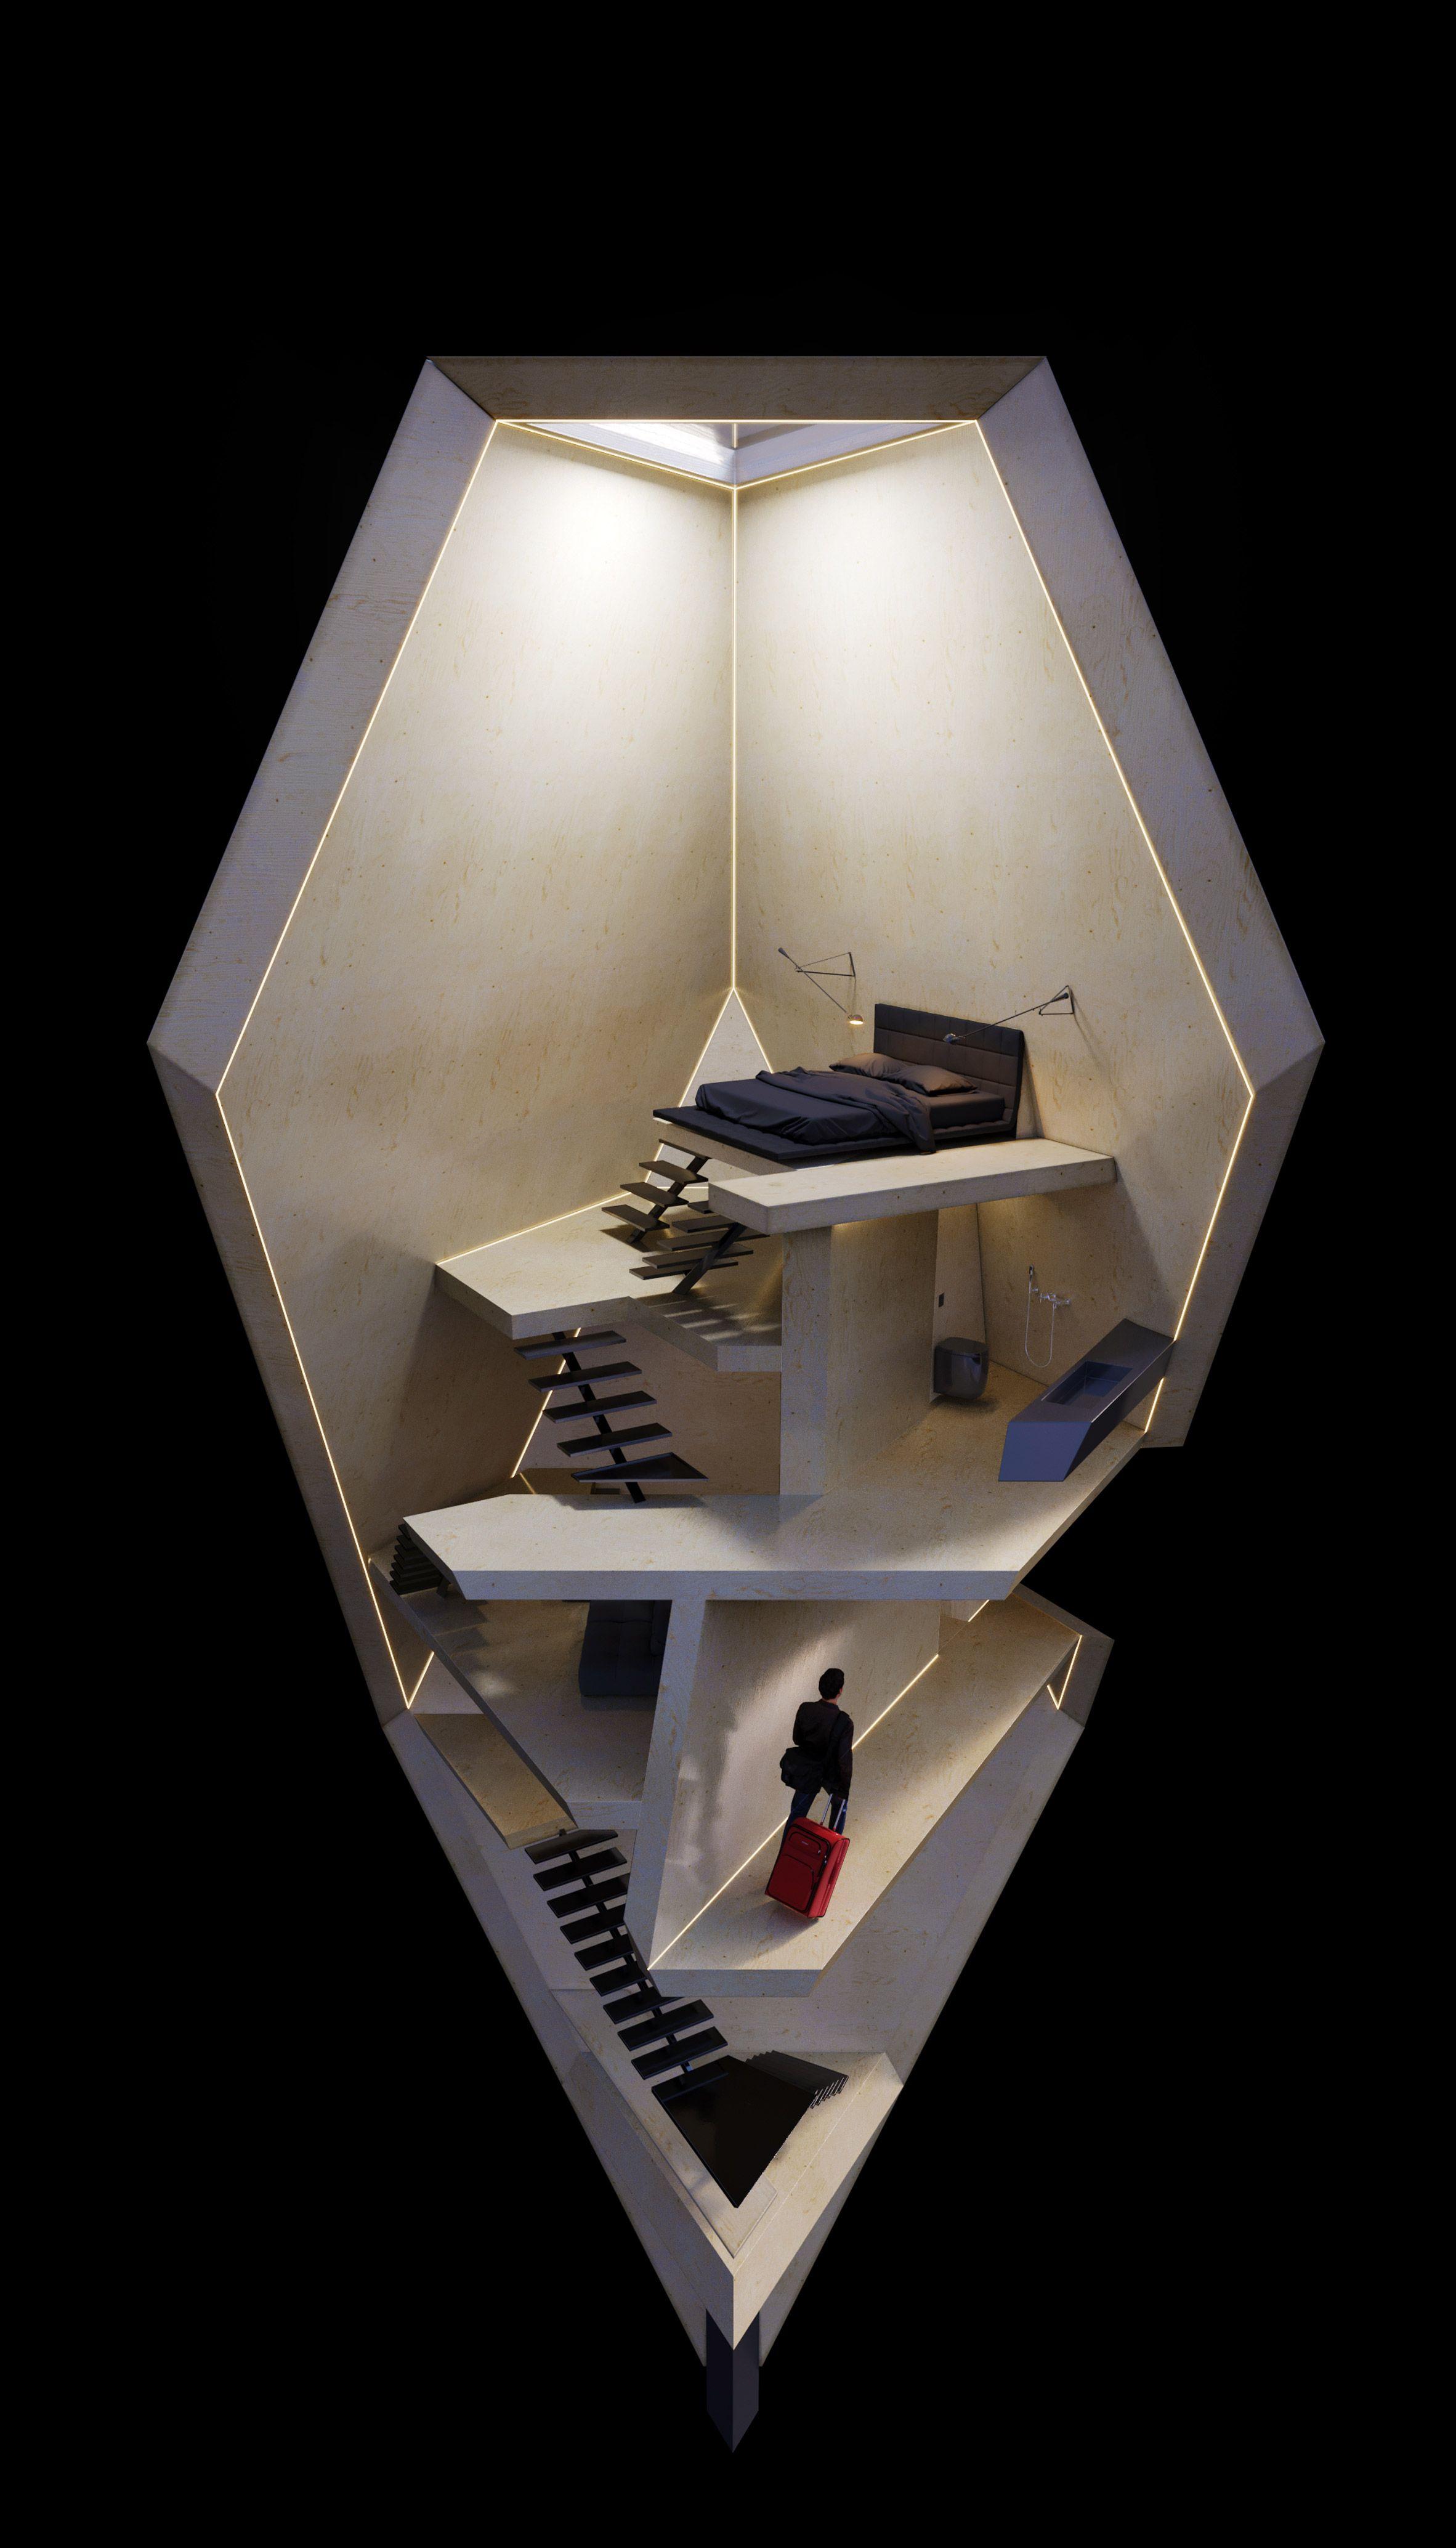 Tetra Hotel Wsp Ideas Escala Arquitectura Maqueta